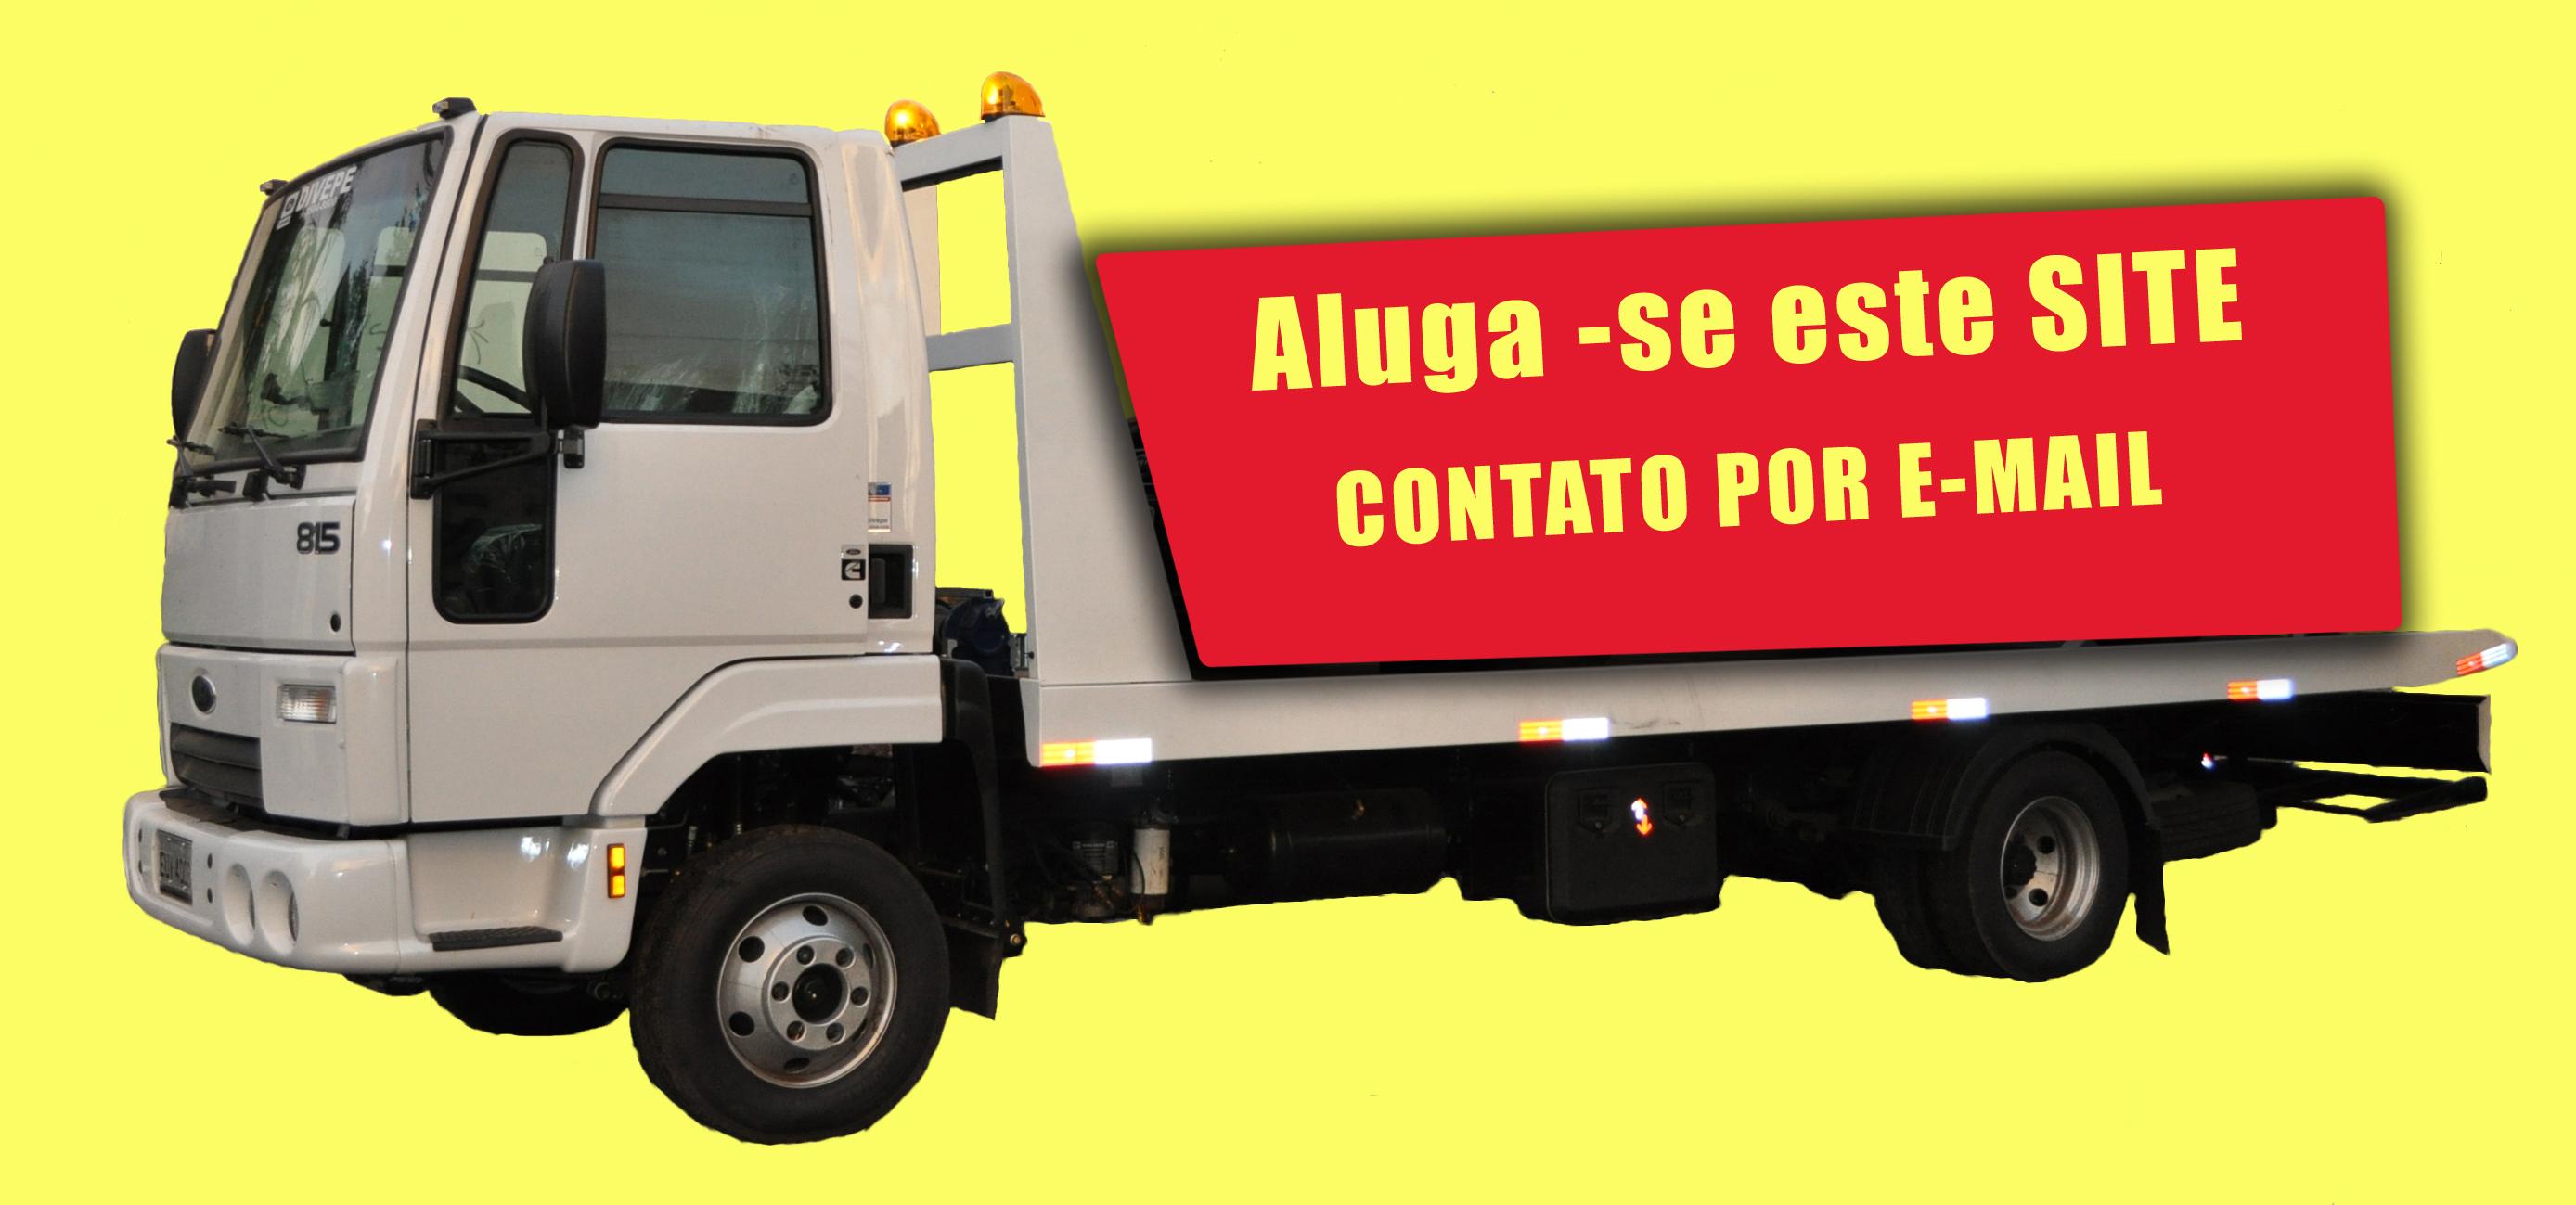 Guinchos em Goiânia | ✅ Reboque de veículos